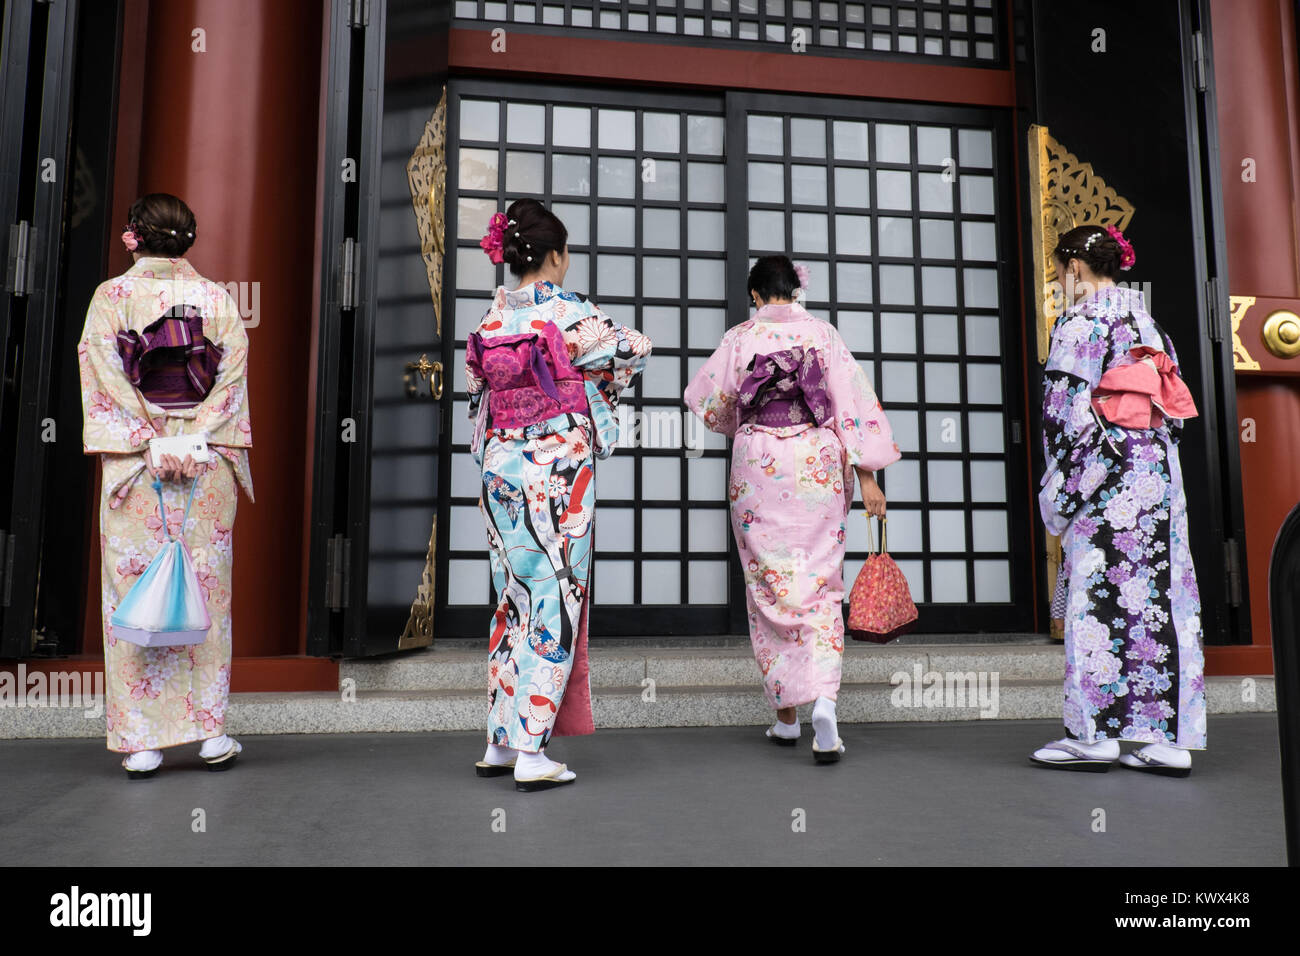 Japón, Tokio, en la isla de Honshu: turistas vistiendo ropa tradicional japonesa, aquí delante de una Imagen De Stock